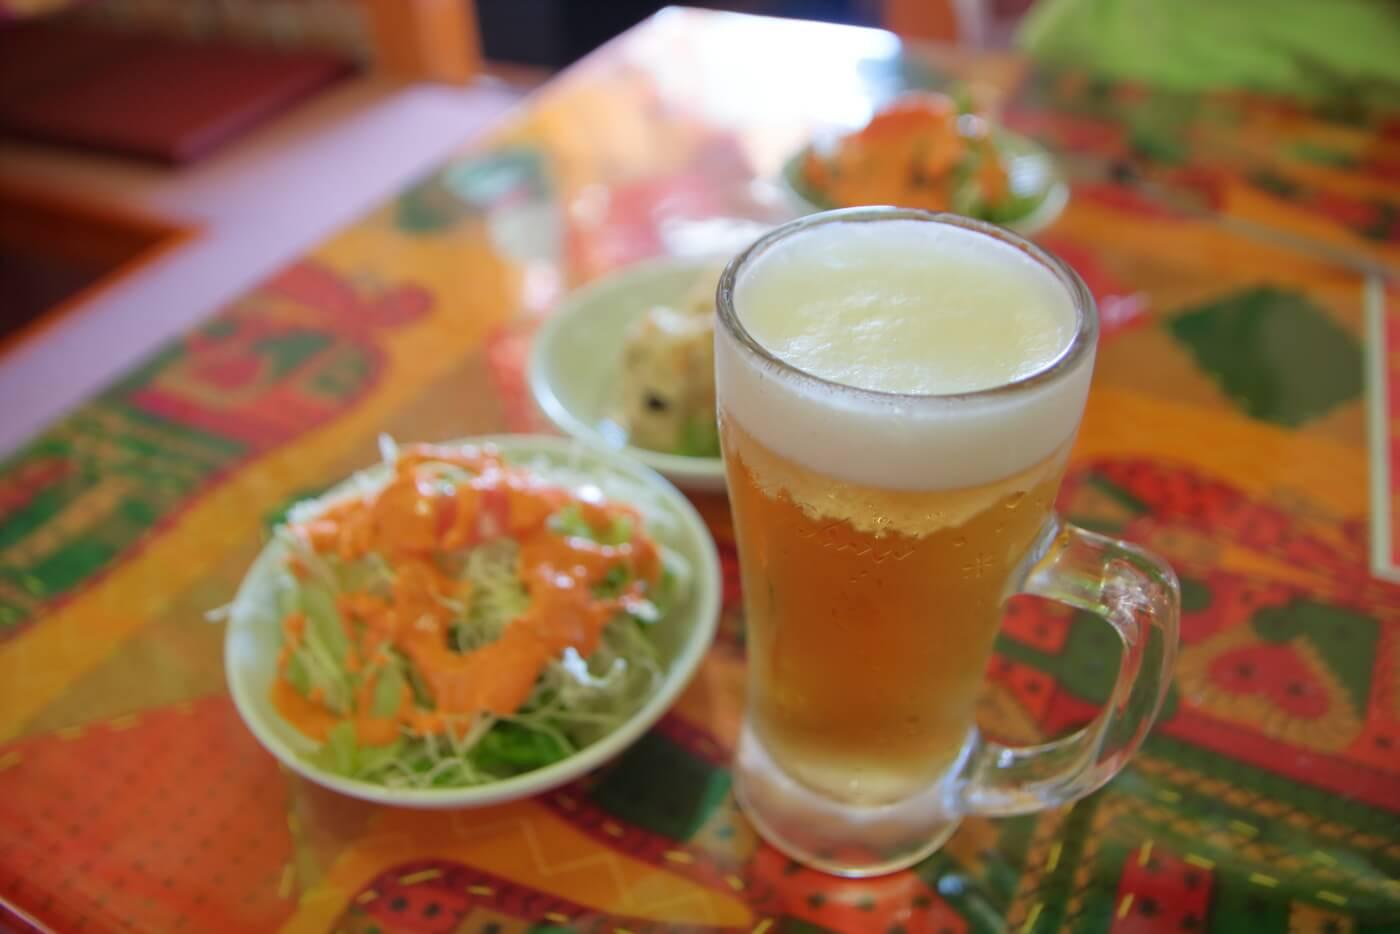 インド料理 スビマハル セットのサラダとグラスビール